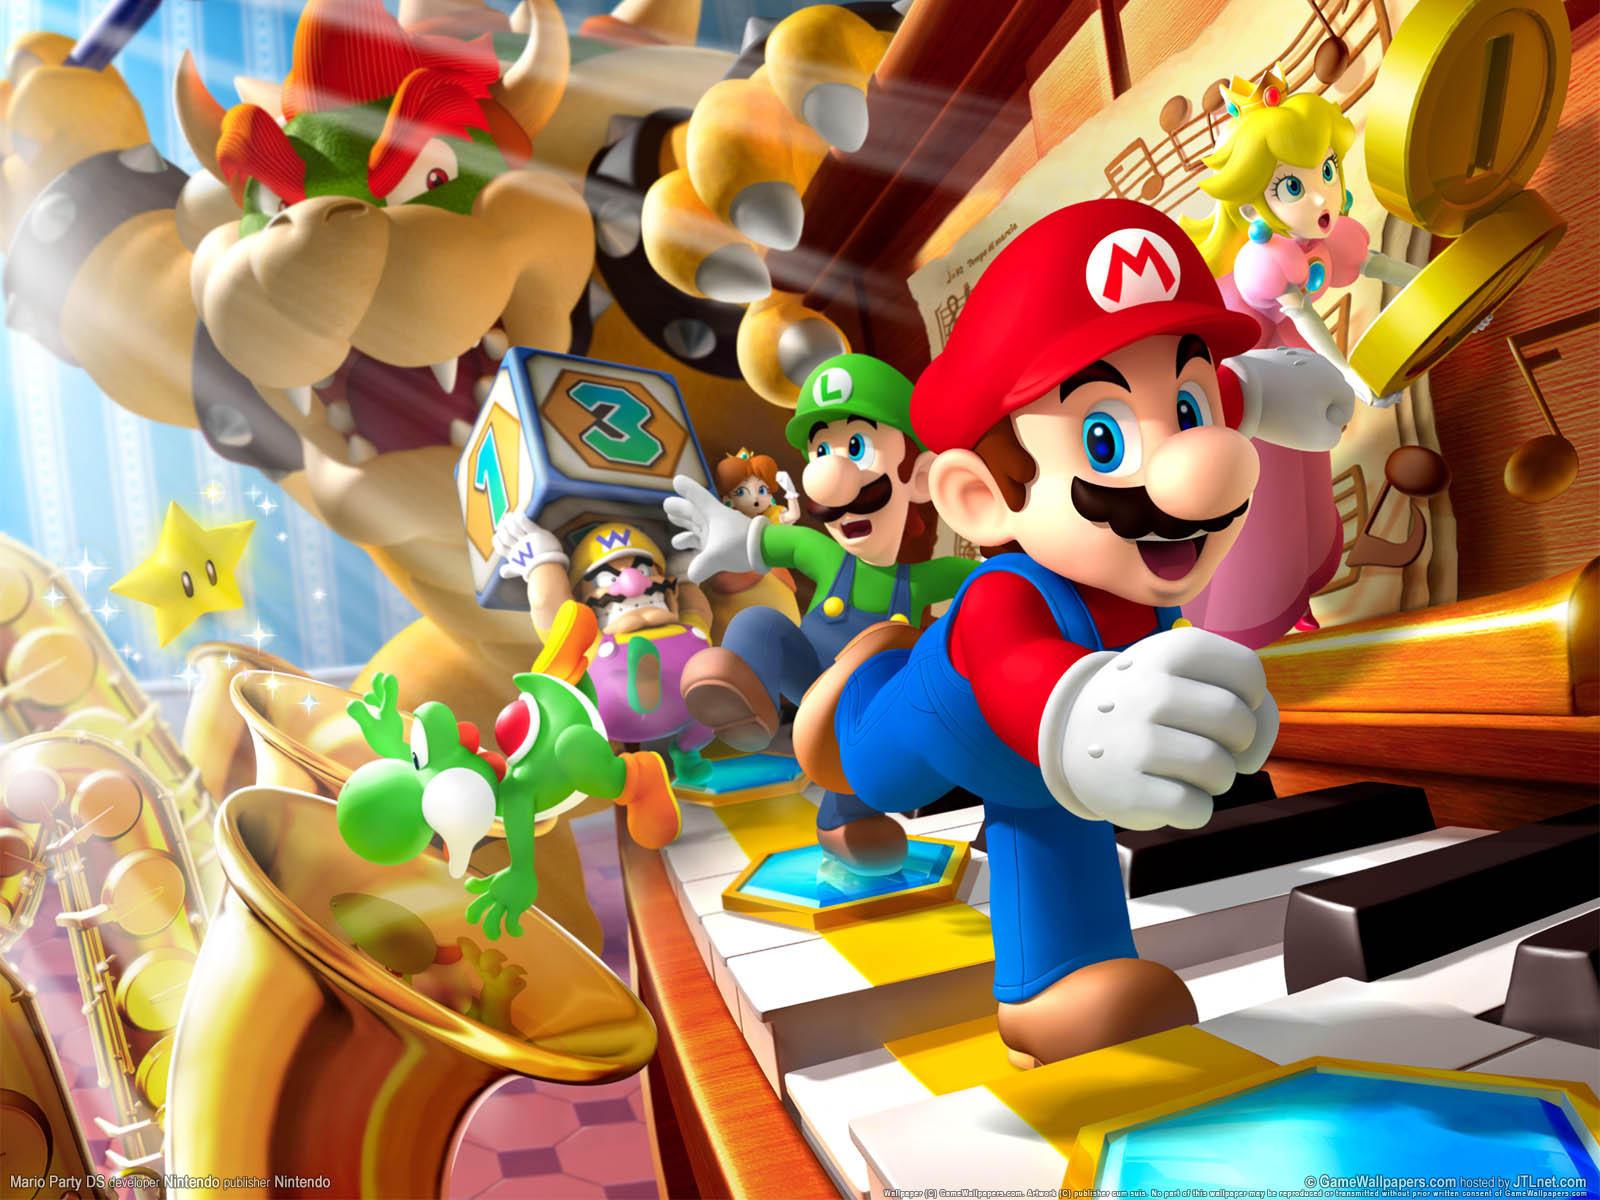 Ecole jeux video : sortez des clichés